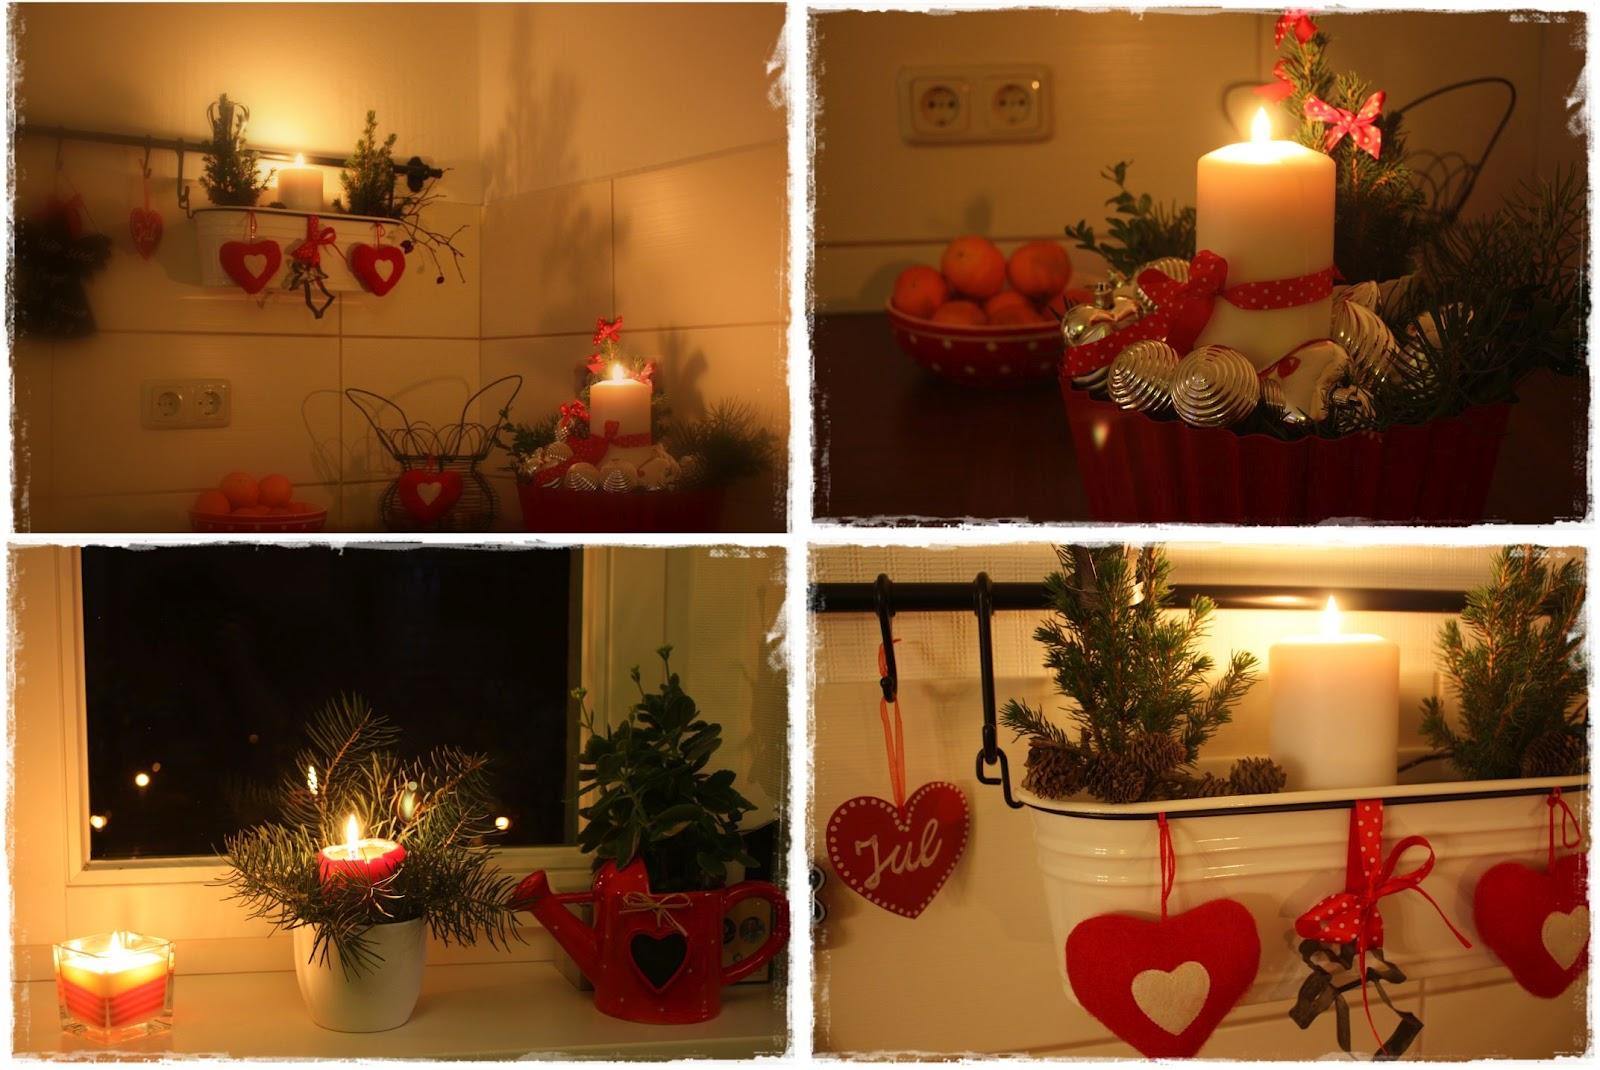 elbegl ck weihnachten zieht in die k che ein. Black Bedroom Furniture Sets. Home Design Ideas